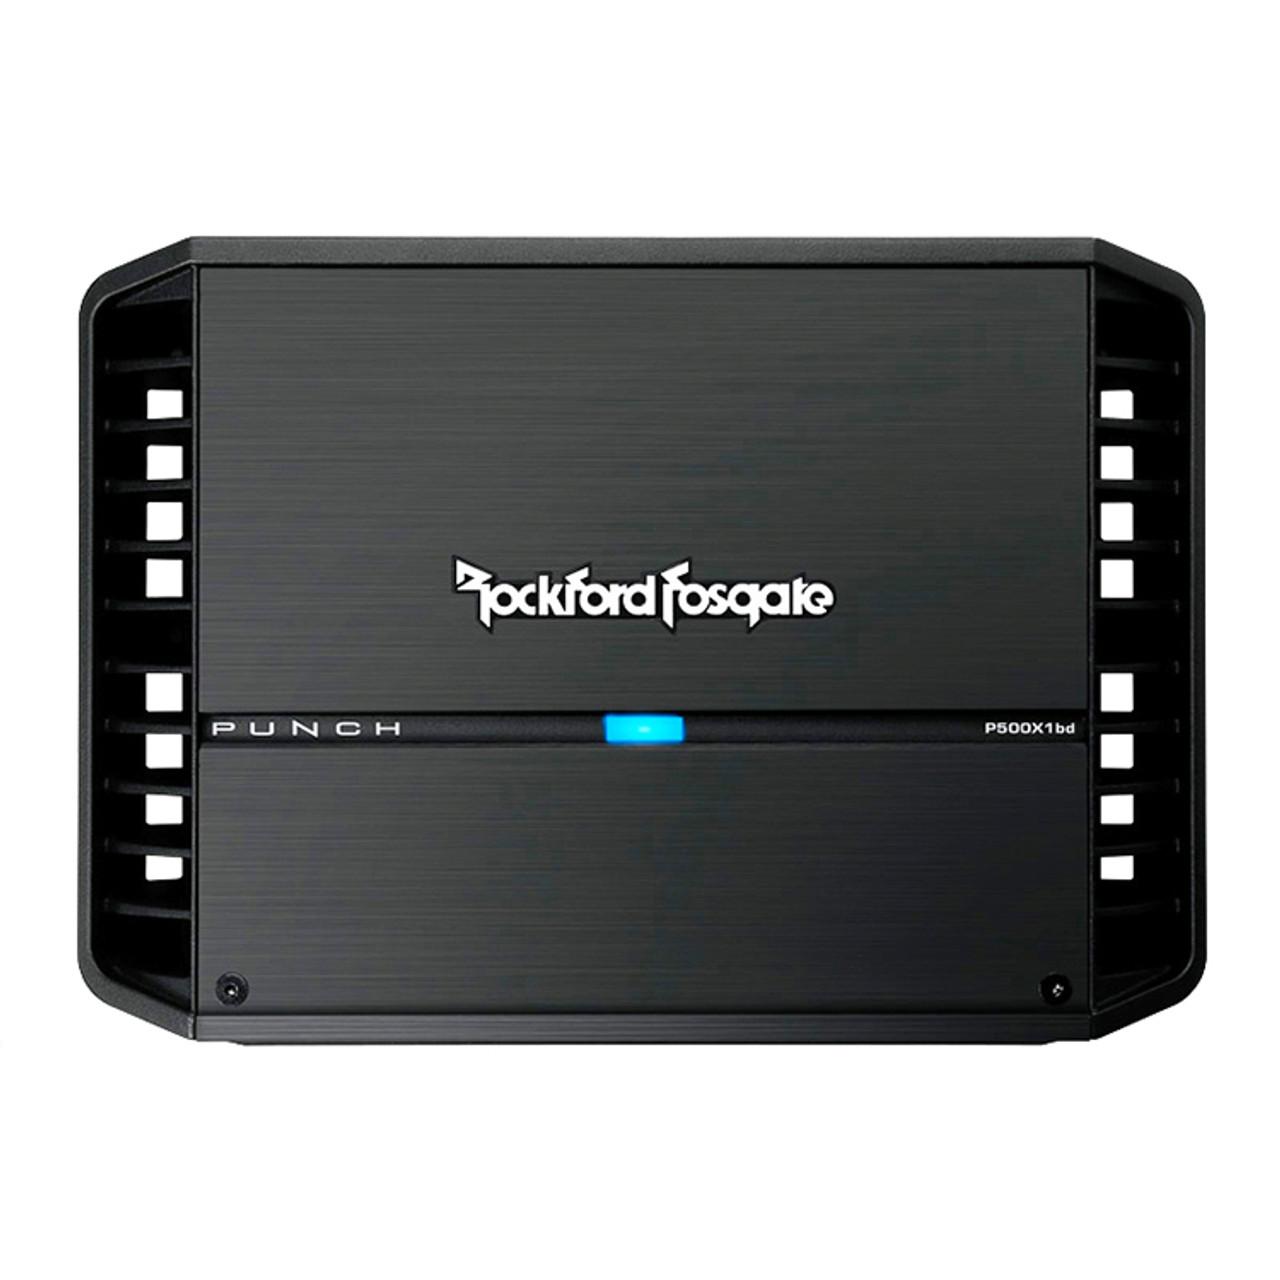 ROCKFORD FOSGATE PUNCH P500X1BD 500W 1 CHANNEL MONOBLOCK CLASS BD CAR AMPLIFIER